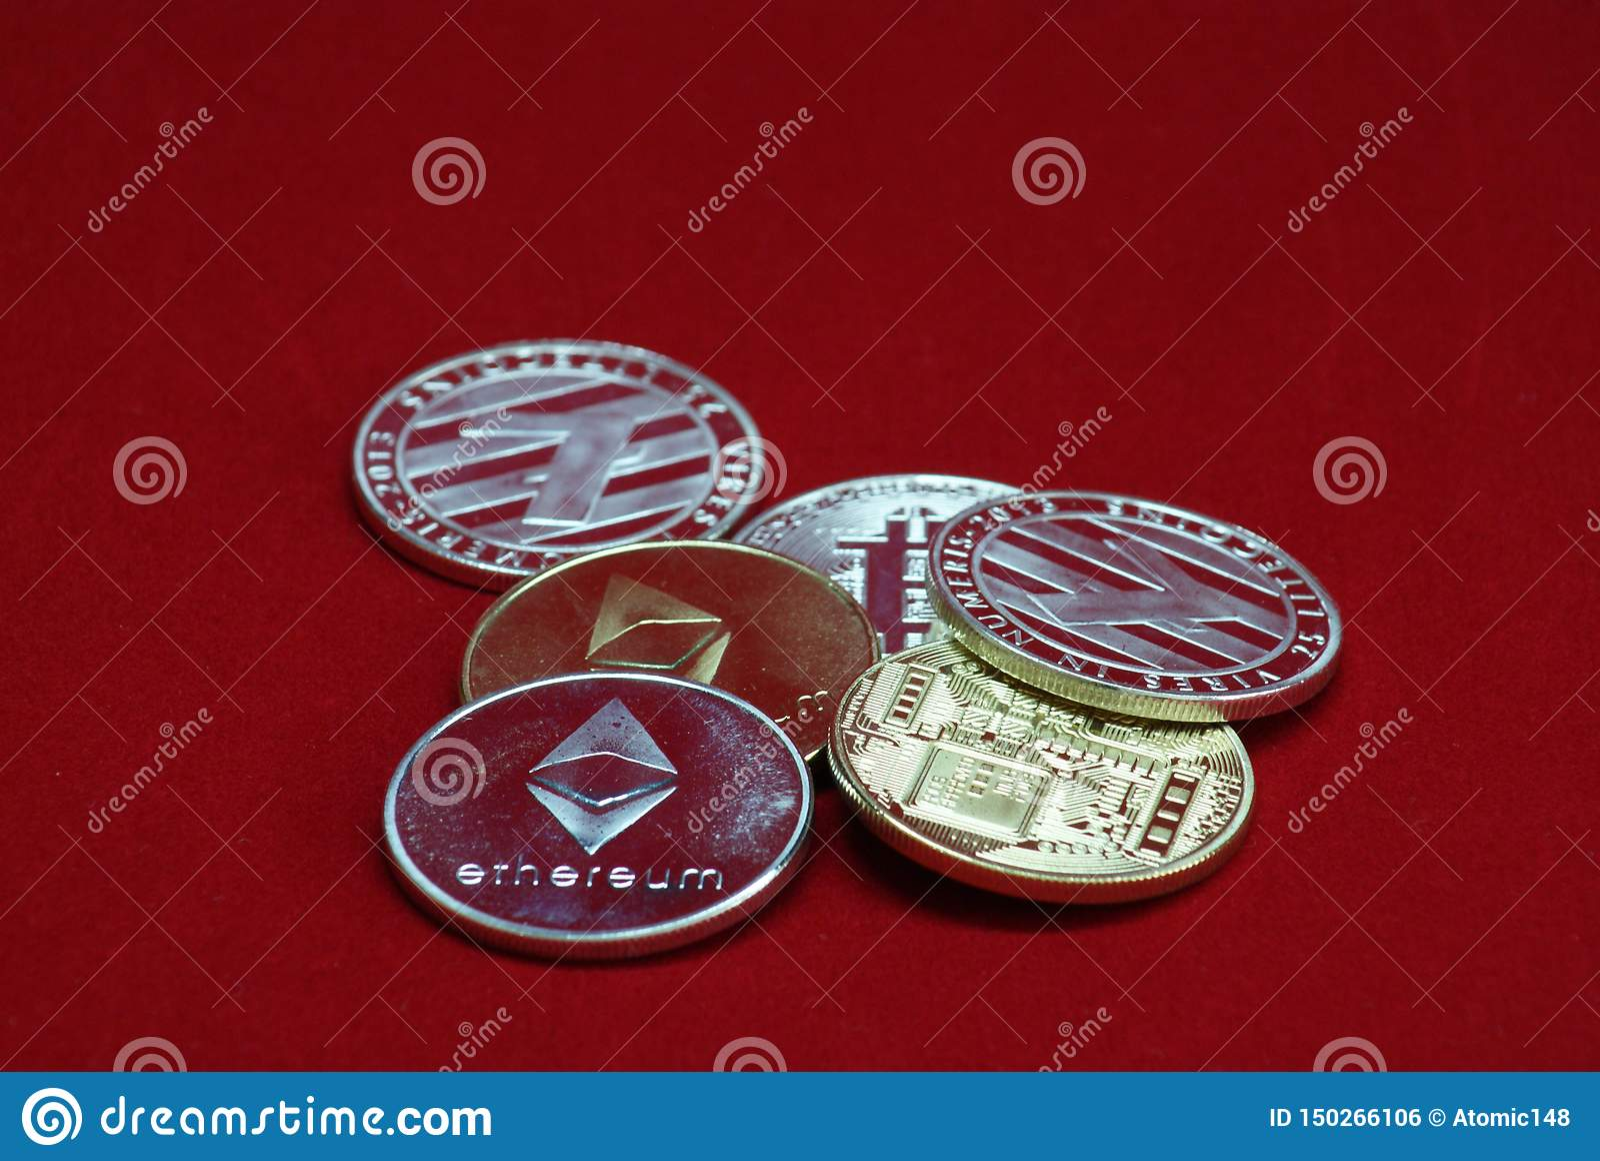 Pila de oro y de monedas de plata del cryptocurrency en un fondo rojo del terciopelo